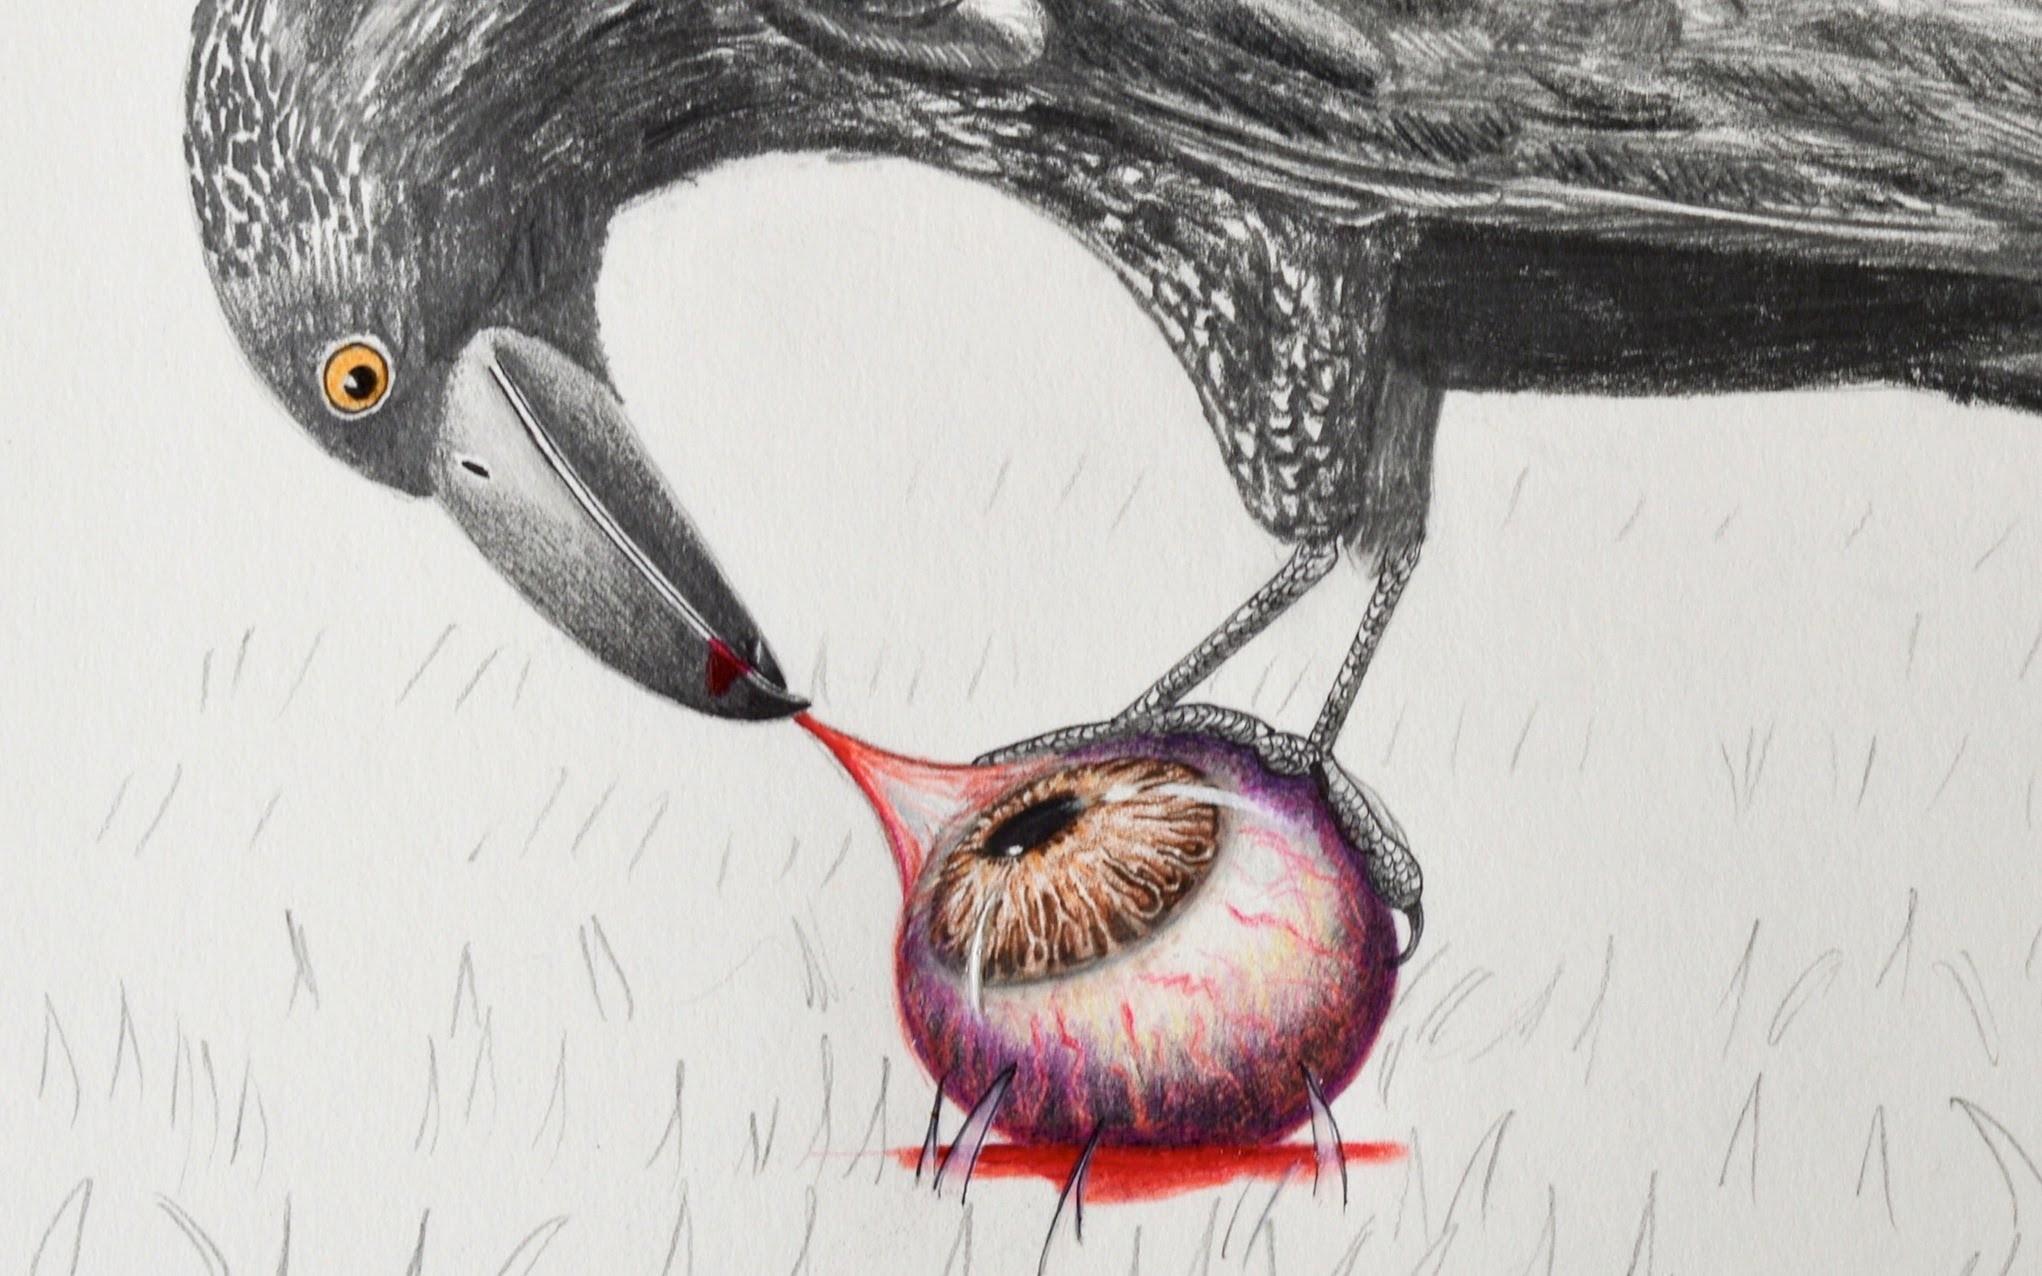 Especial de día de muertos: Un cuervo mordiendo un ojo- Arte Divierte.